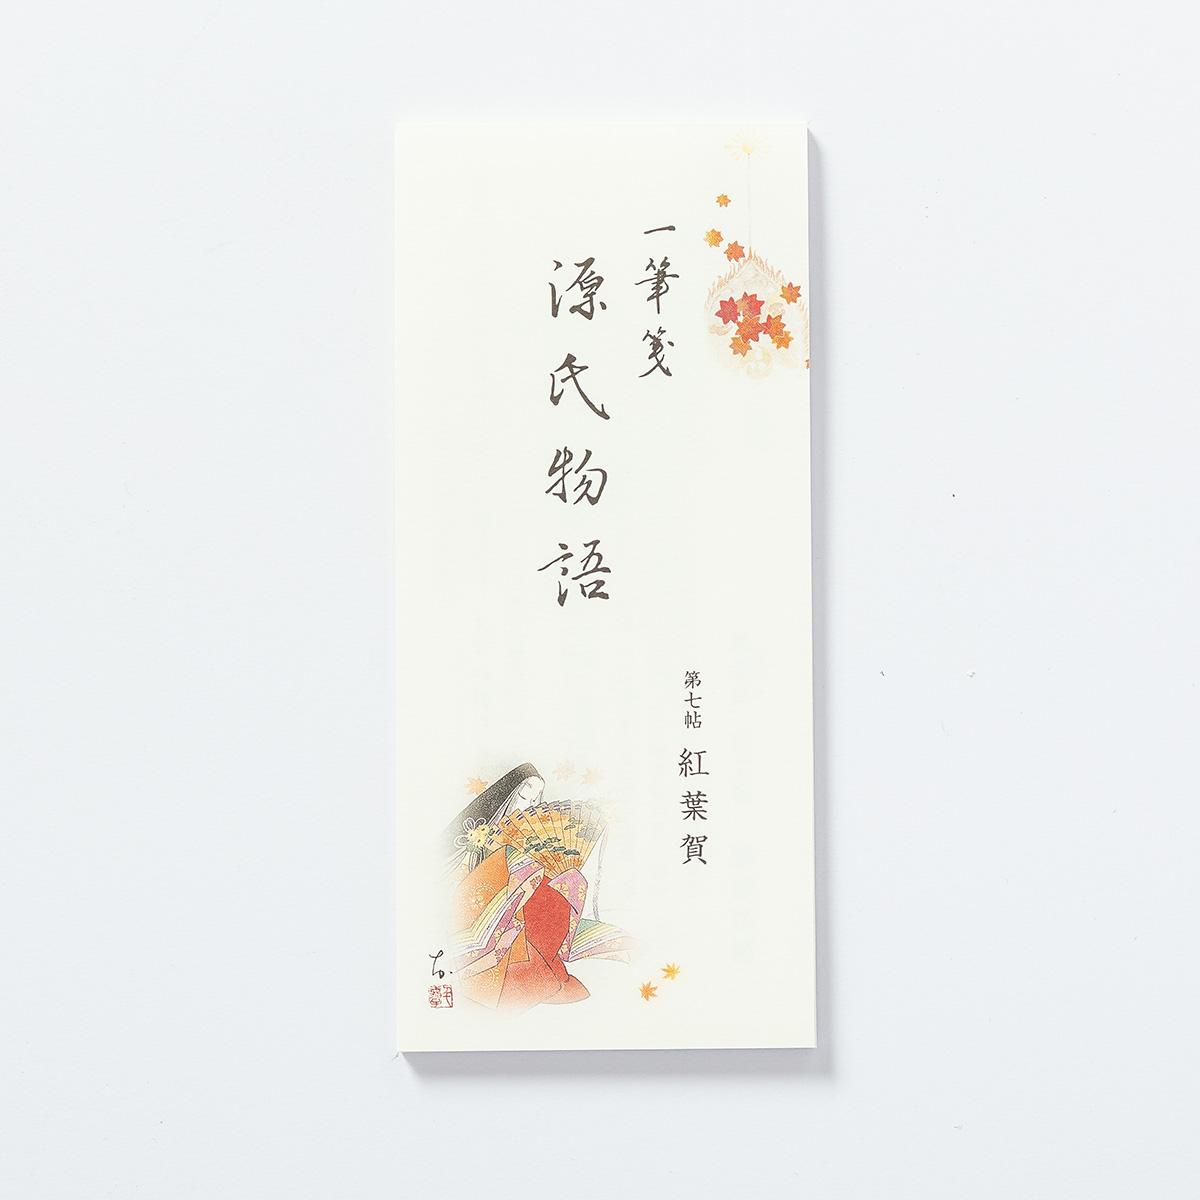 源氏物語一筆箋 第7帖「紅葉賀」姫柄